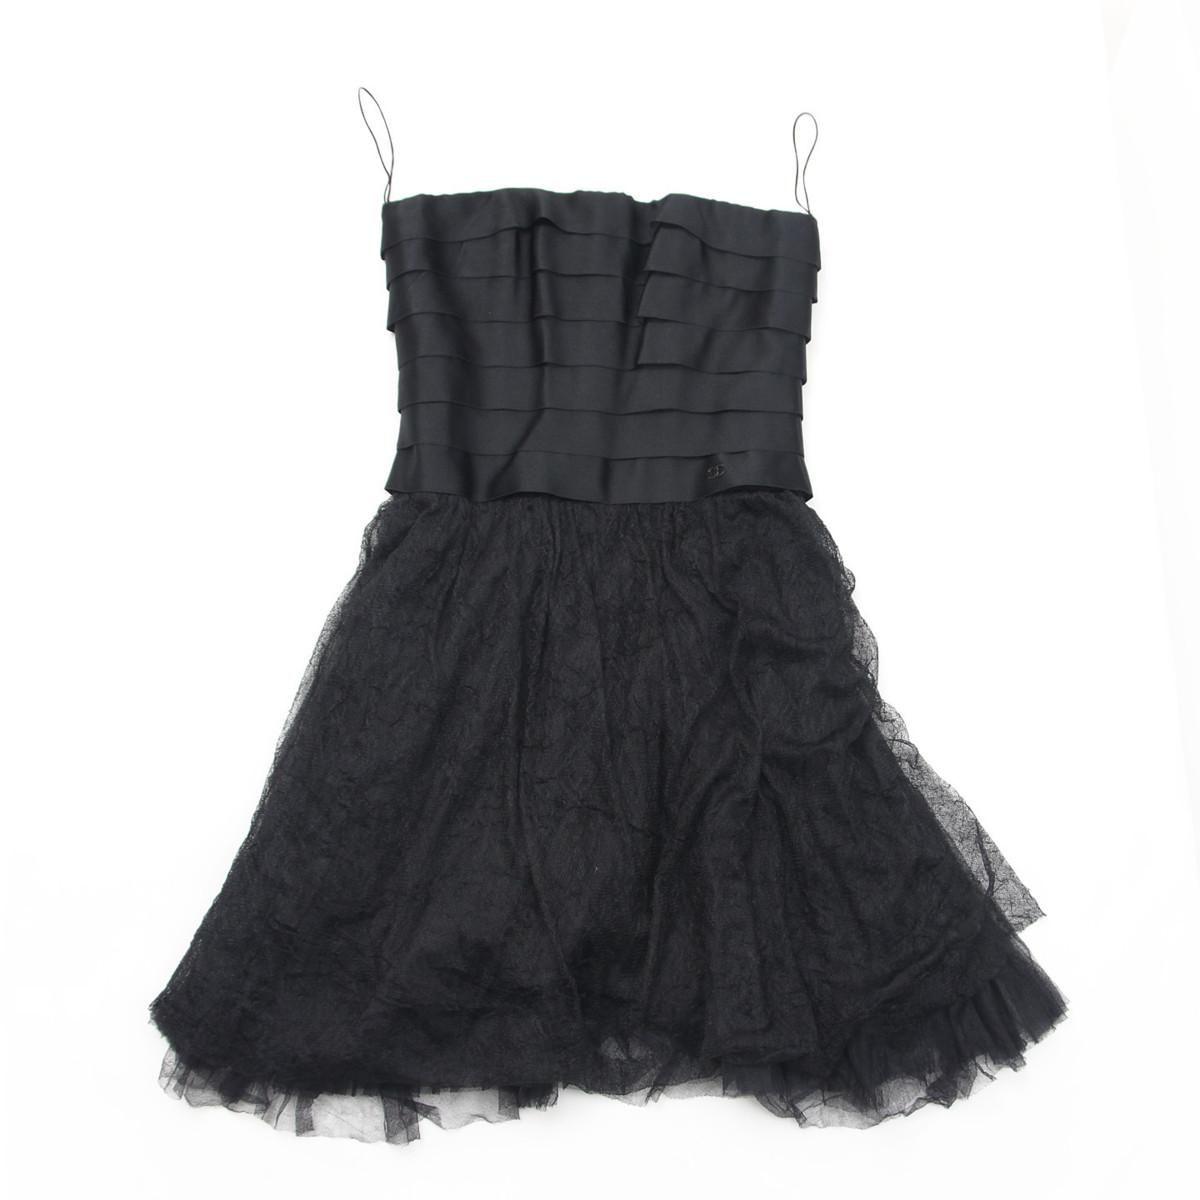 【シャネル】Chanel 美品 リトルブラック ベアトップ ドレス 34 【中古】【鑑定済・正規品保証】【送料無料】31564